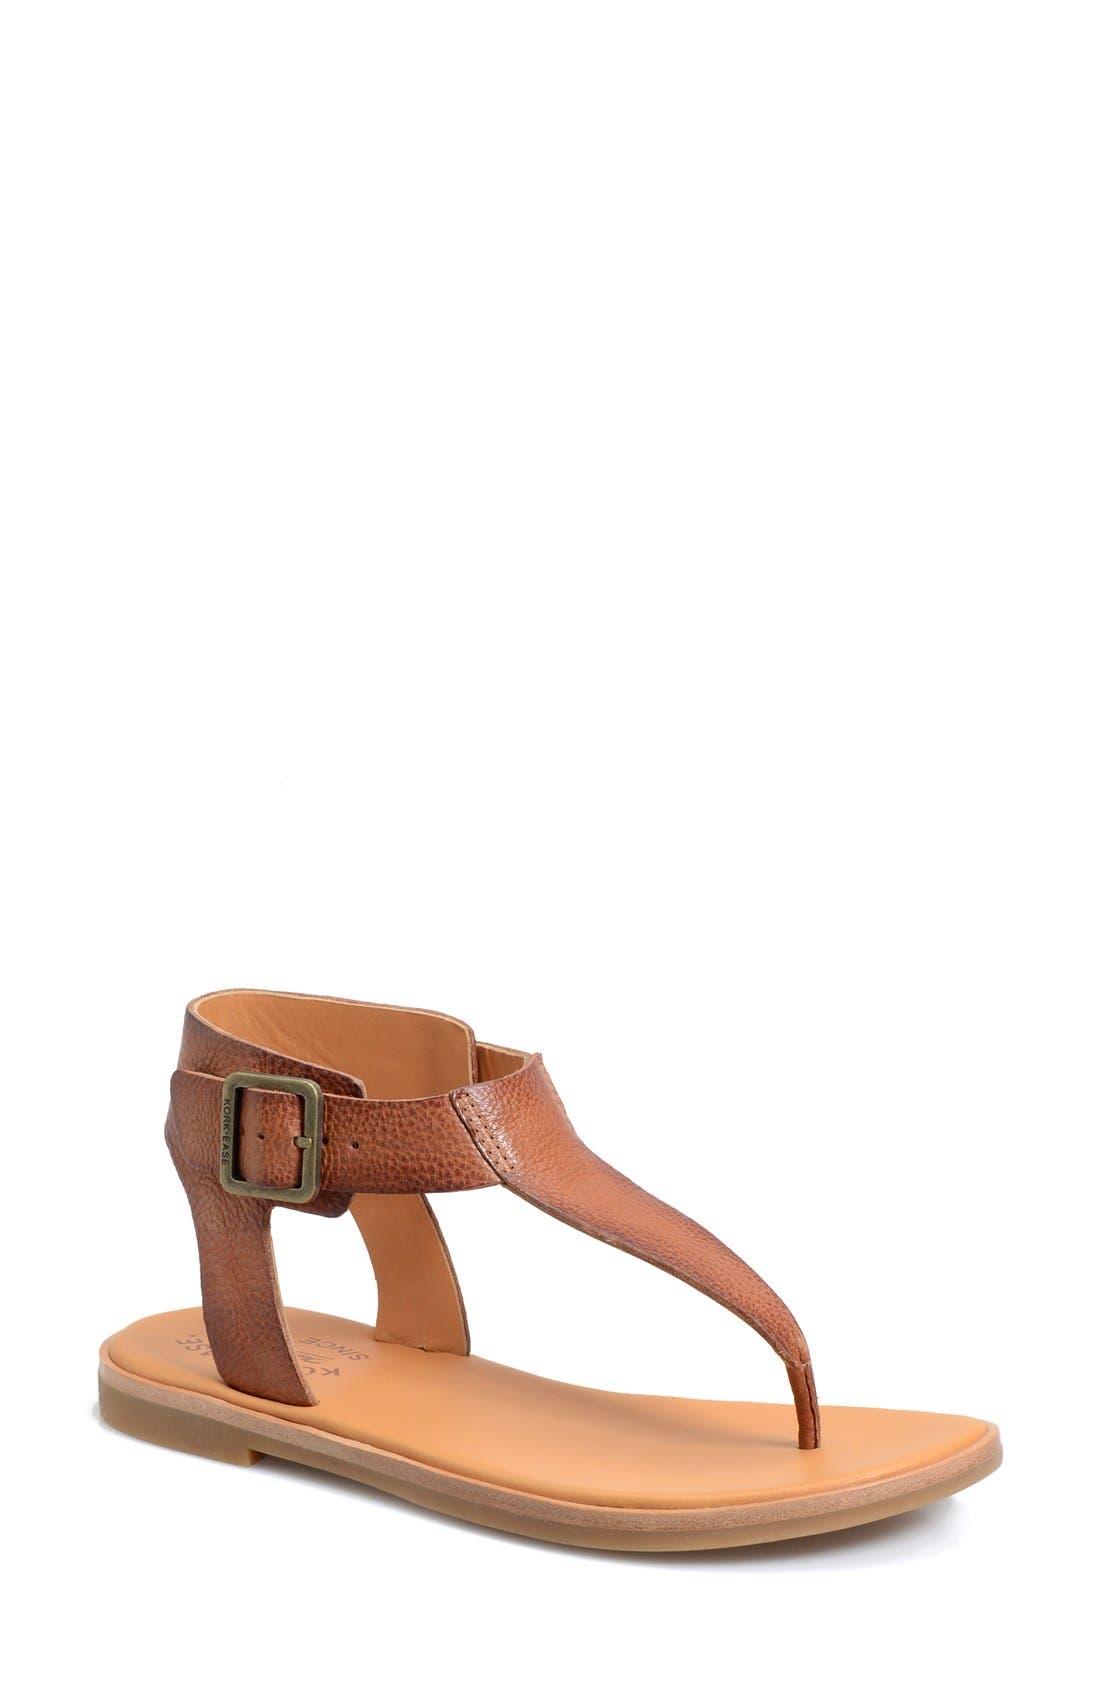 Alternate Image 1 Selected - Kork-Ease® 'Catriona' Flat Sandal (Women)